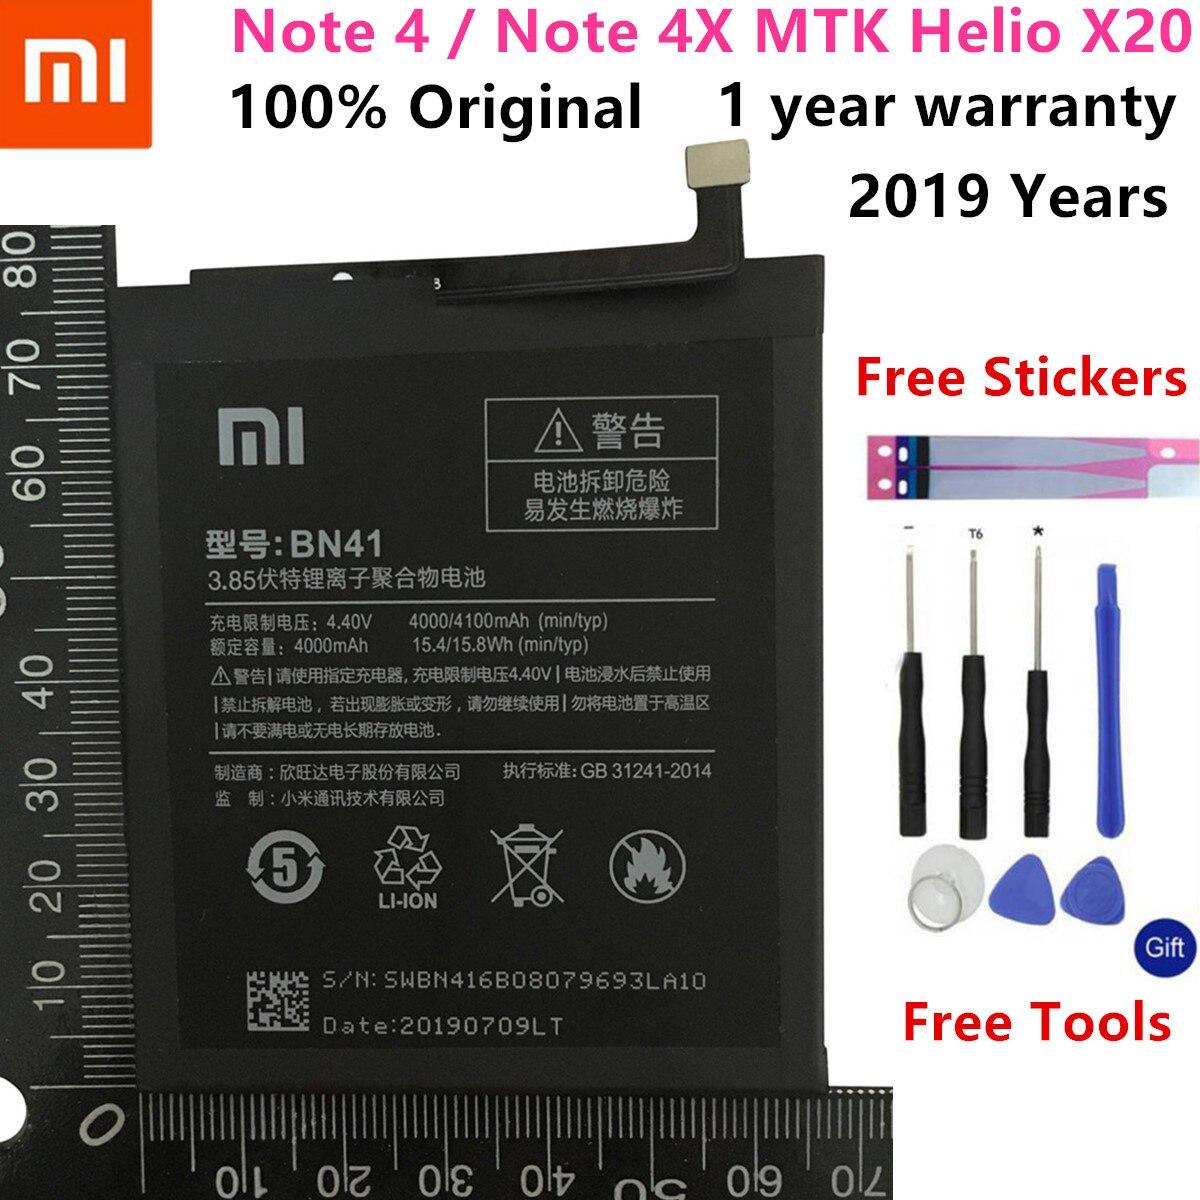 Real Original 4100 mAh Bateria Para Xiaomi Redmi Nota MTK 4 Helio X20 BN41/Note 4X Pro MTK Helio x20 CPU Deca-core Max 2.1 GHz